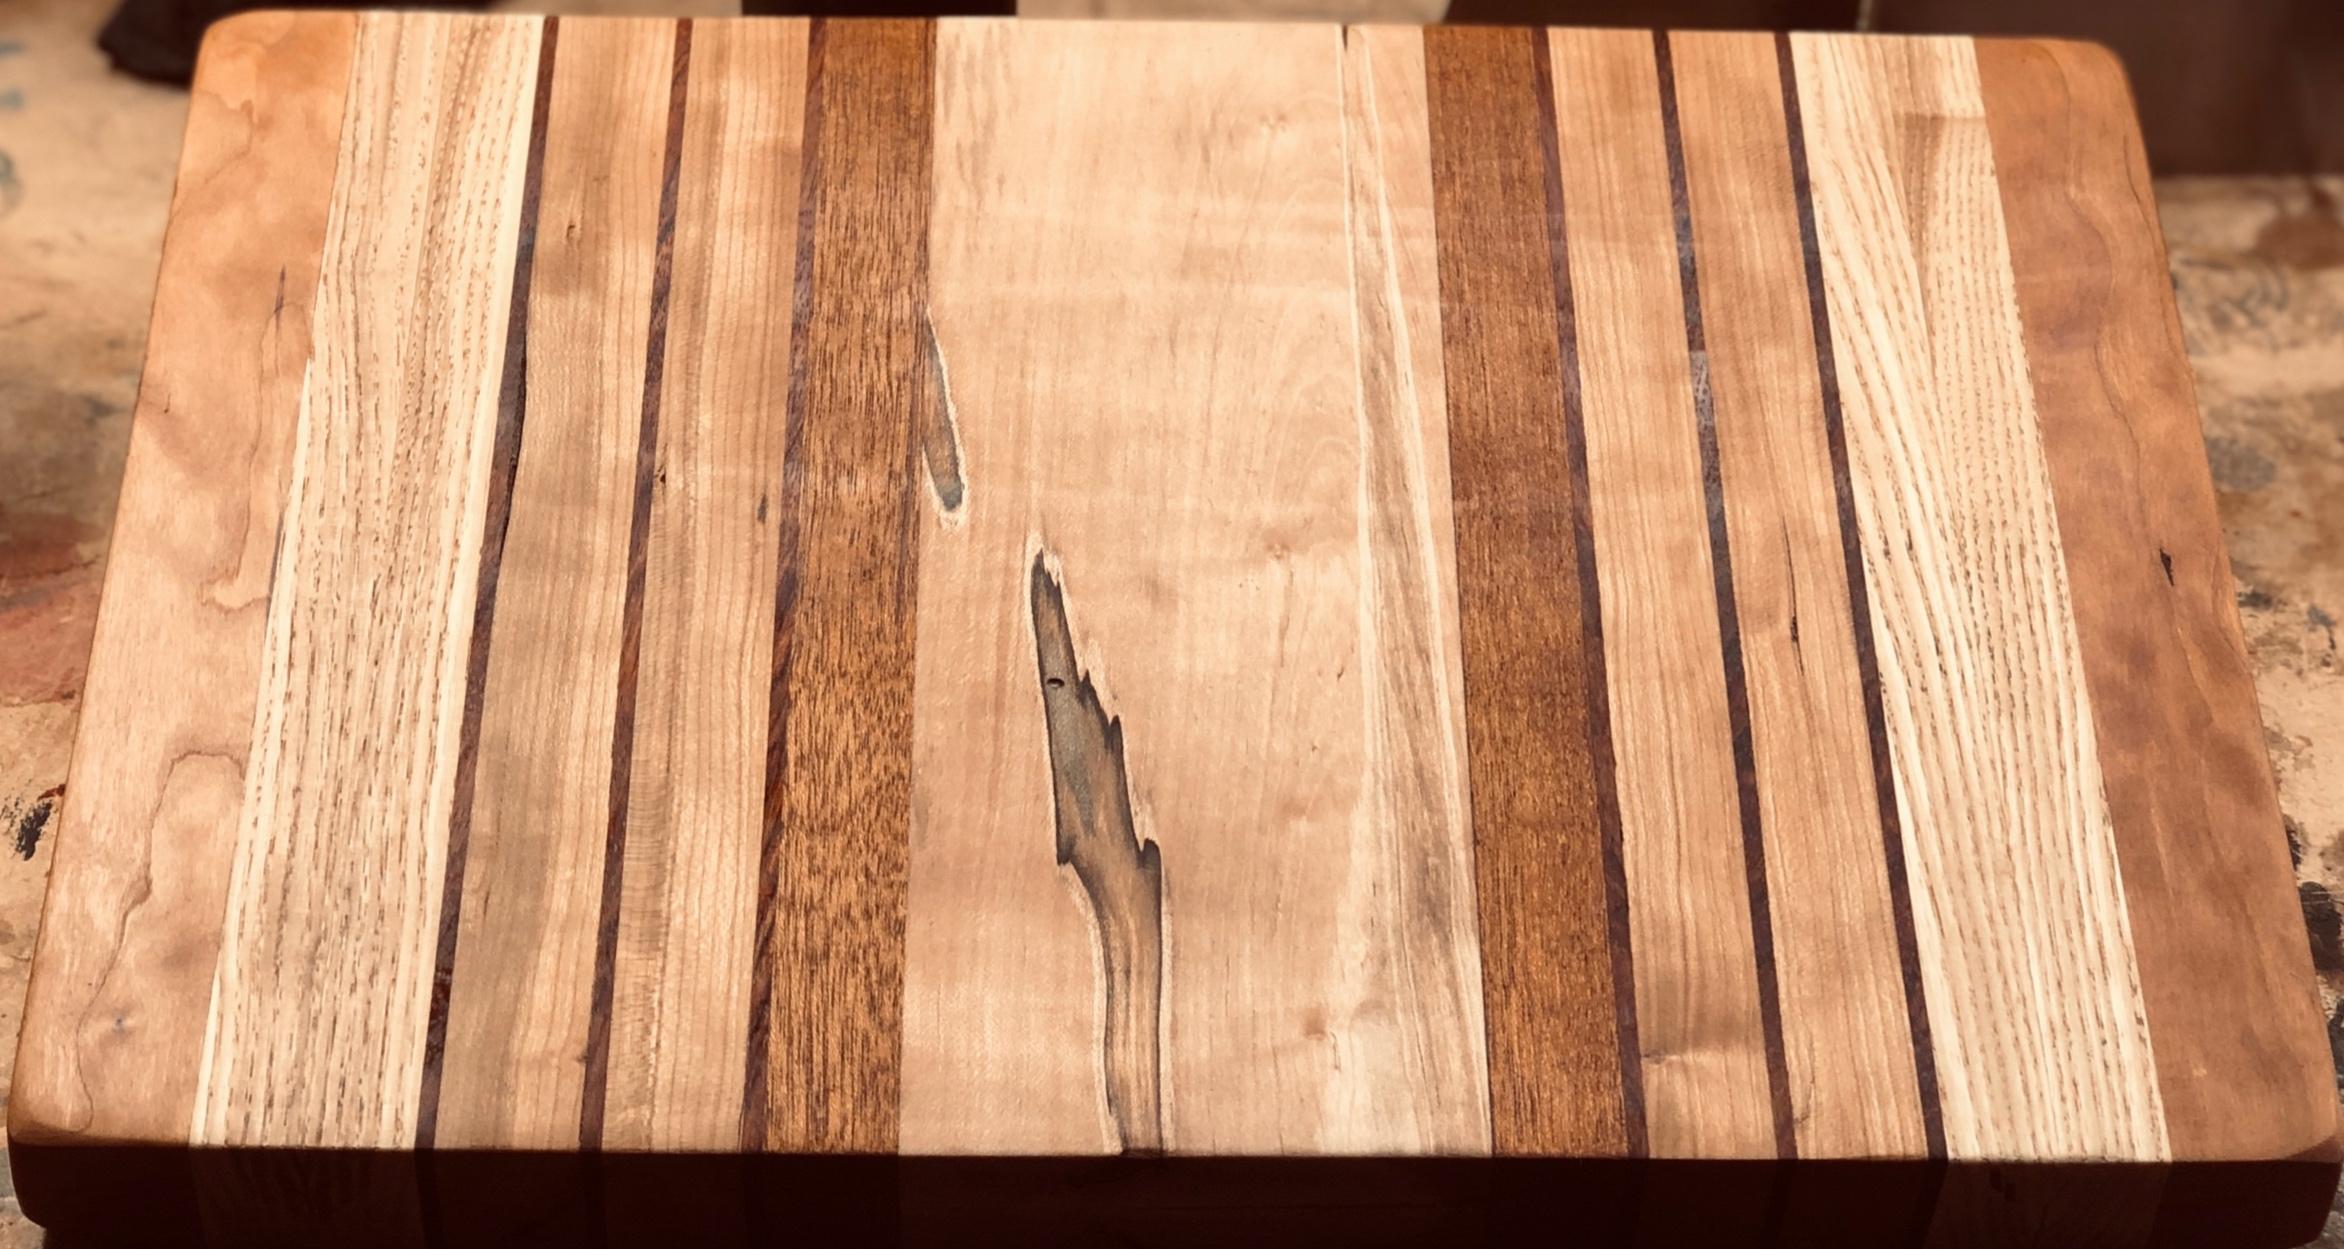 Beautiful hardwoodcutting board—$90 - 15 x 12 x 1.5 inches